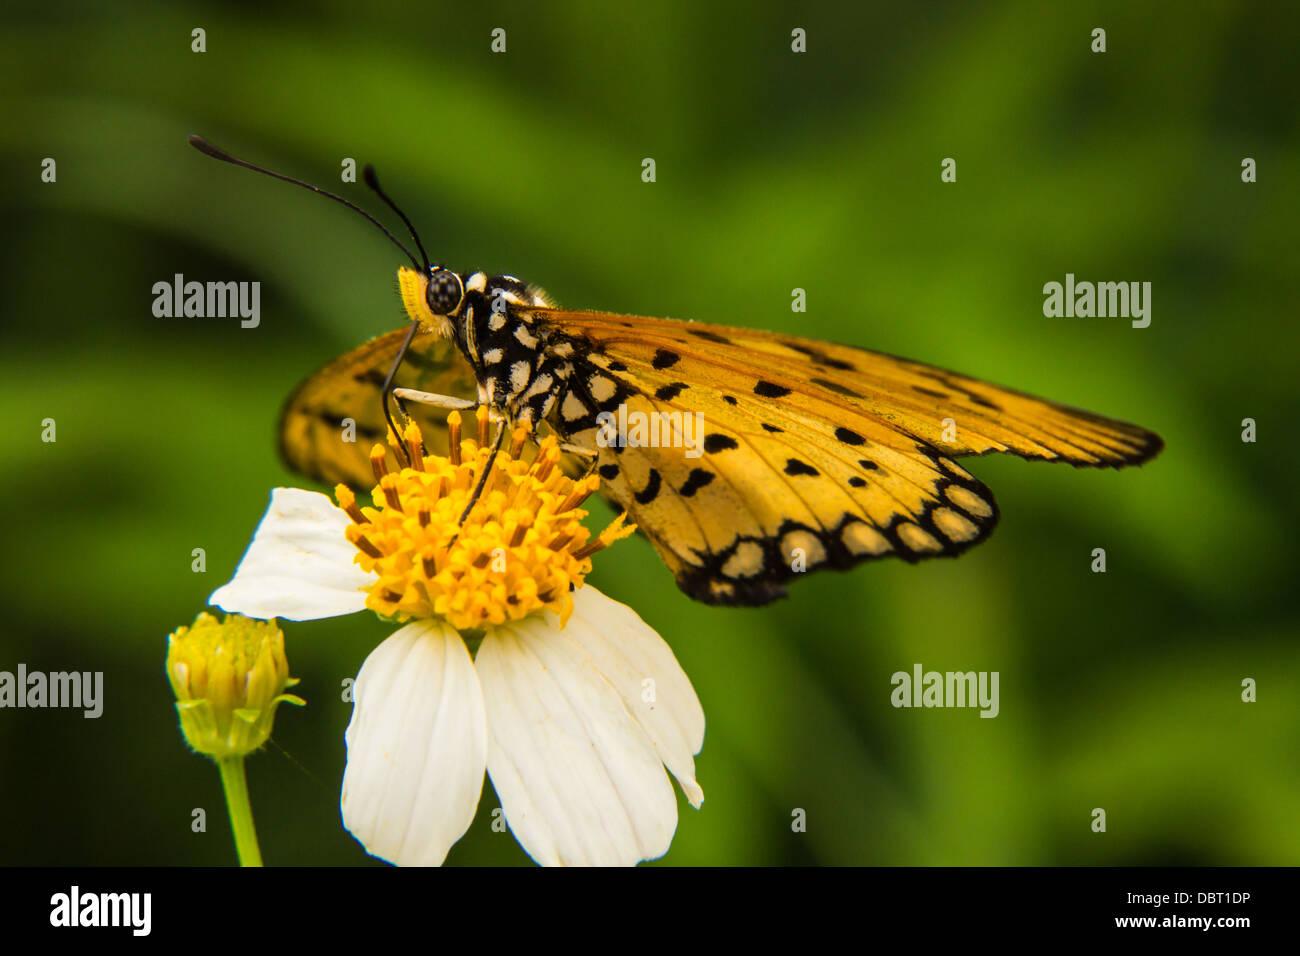 Futterung Auf Kleine Weisse Blume Schmetterling Stockfoto Bild